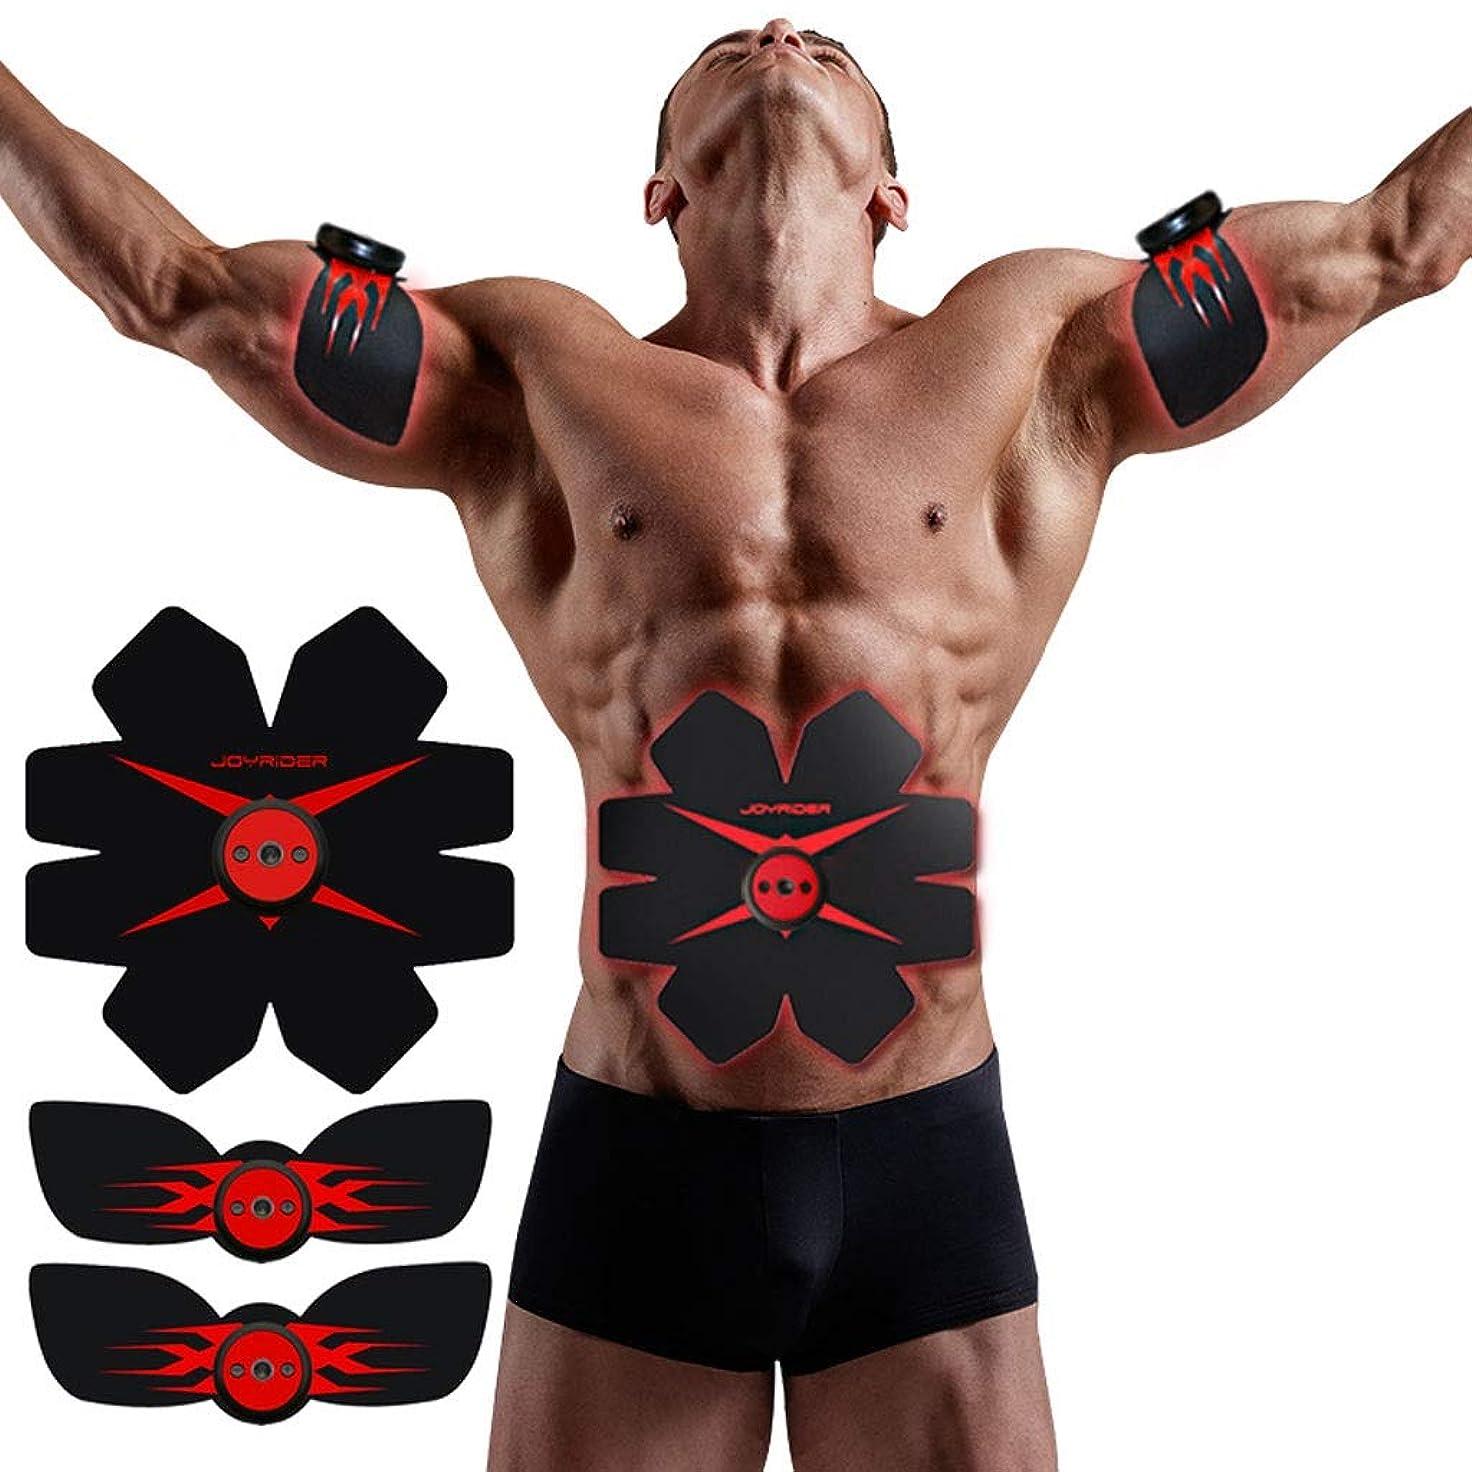 錆び玉ねぎモバイルEMS AbsトレーナーAbベルト、腹部調色ベルト、腹筋刺激装置、ABSマシンAbベルト調色ジムワークアウトマシン用男性&女性